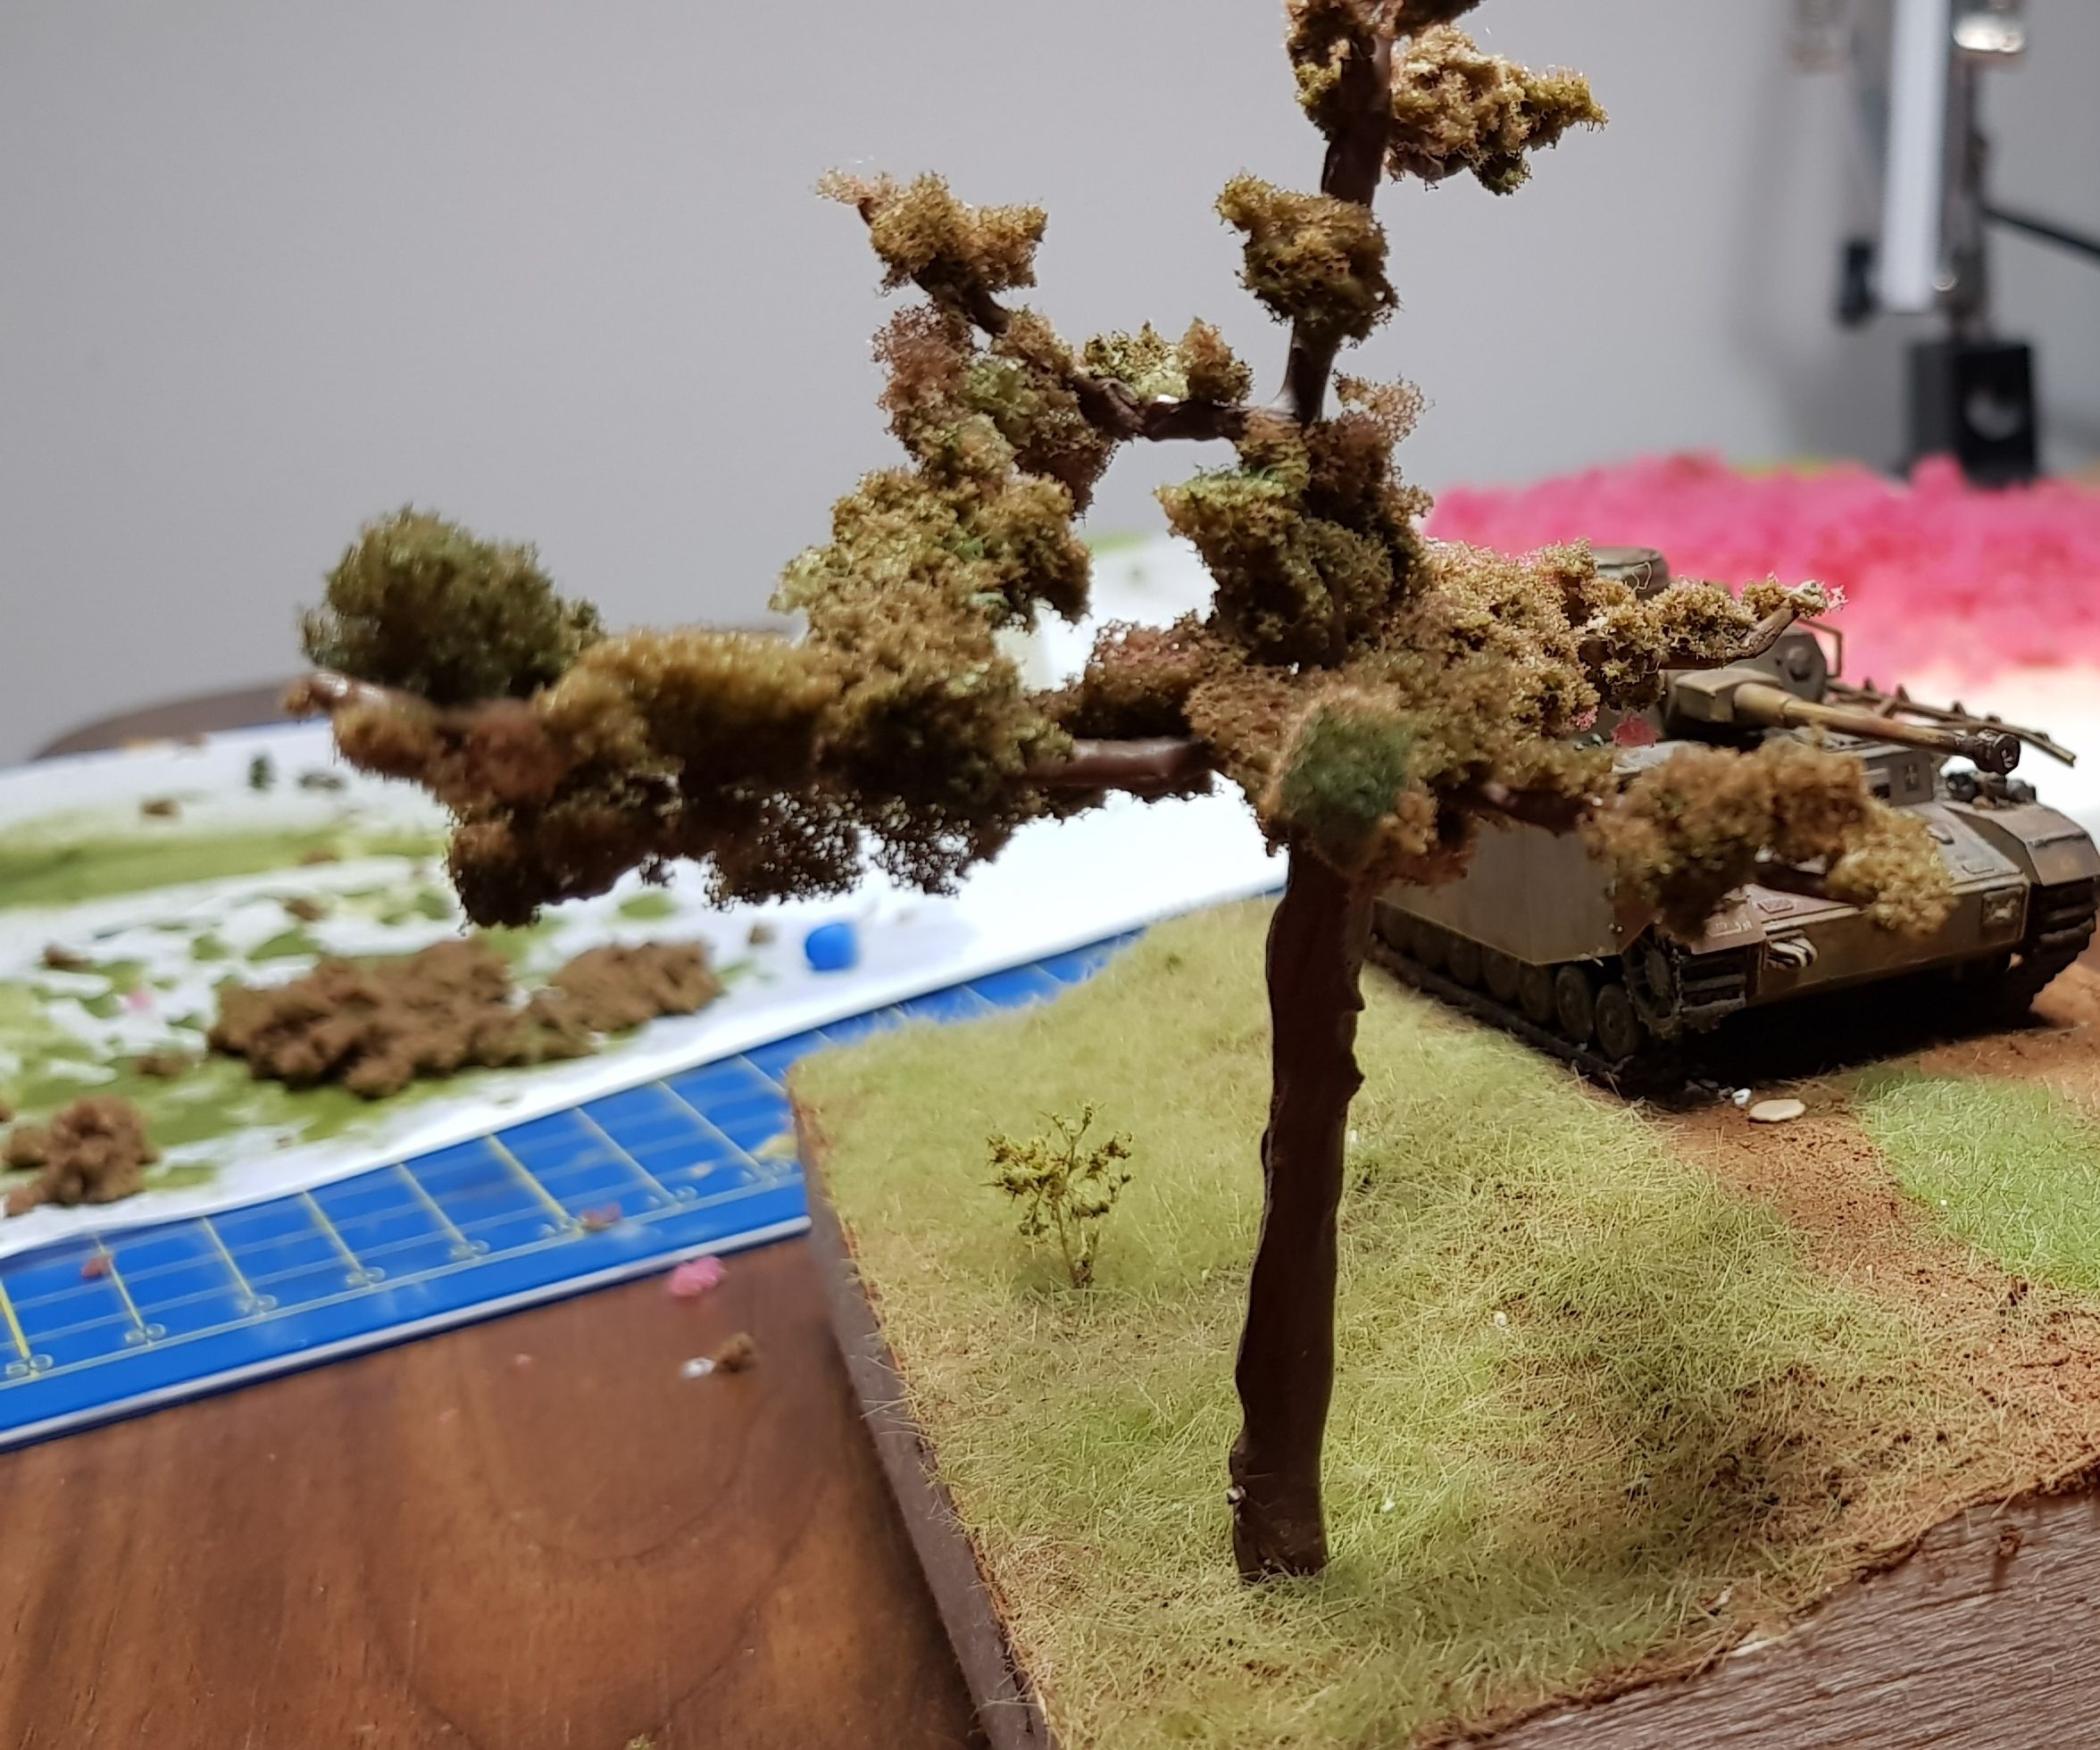 Jak Vyrobit Listnatý Stromek Do Dioráma V 1:72